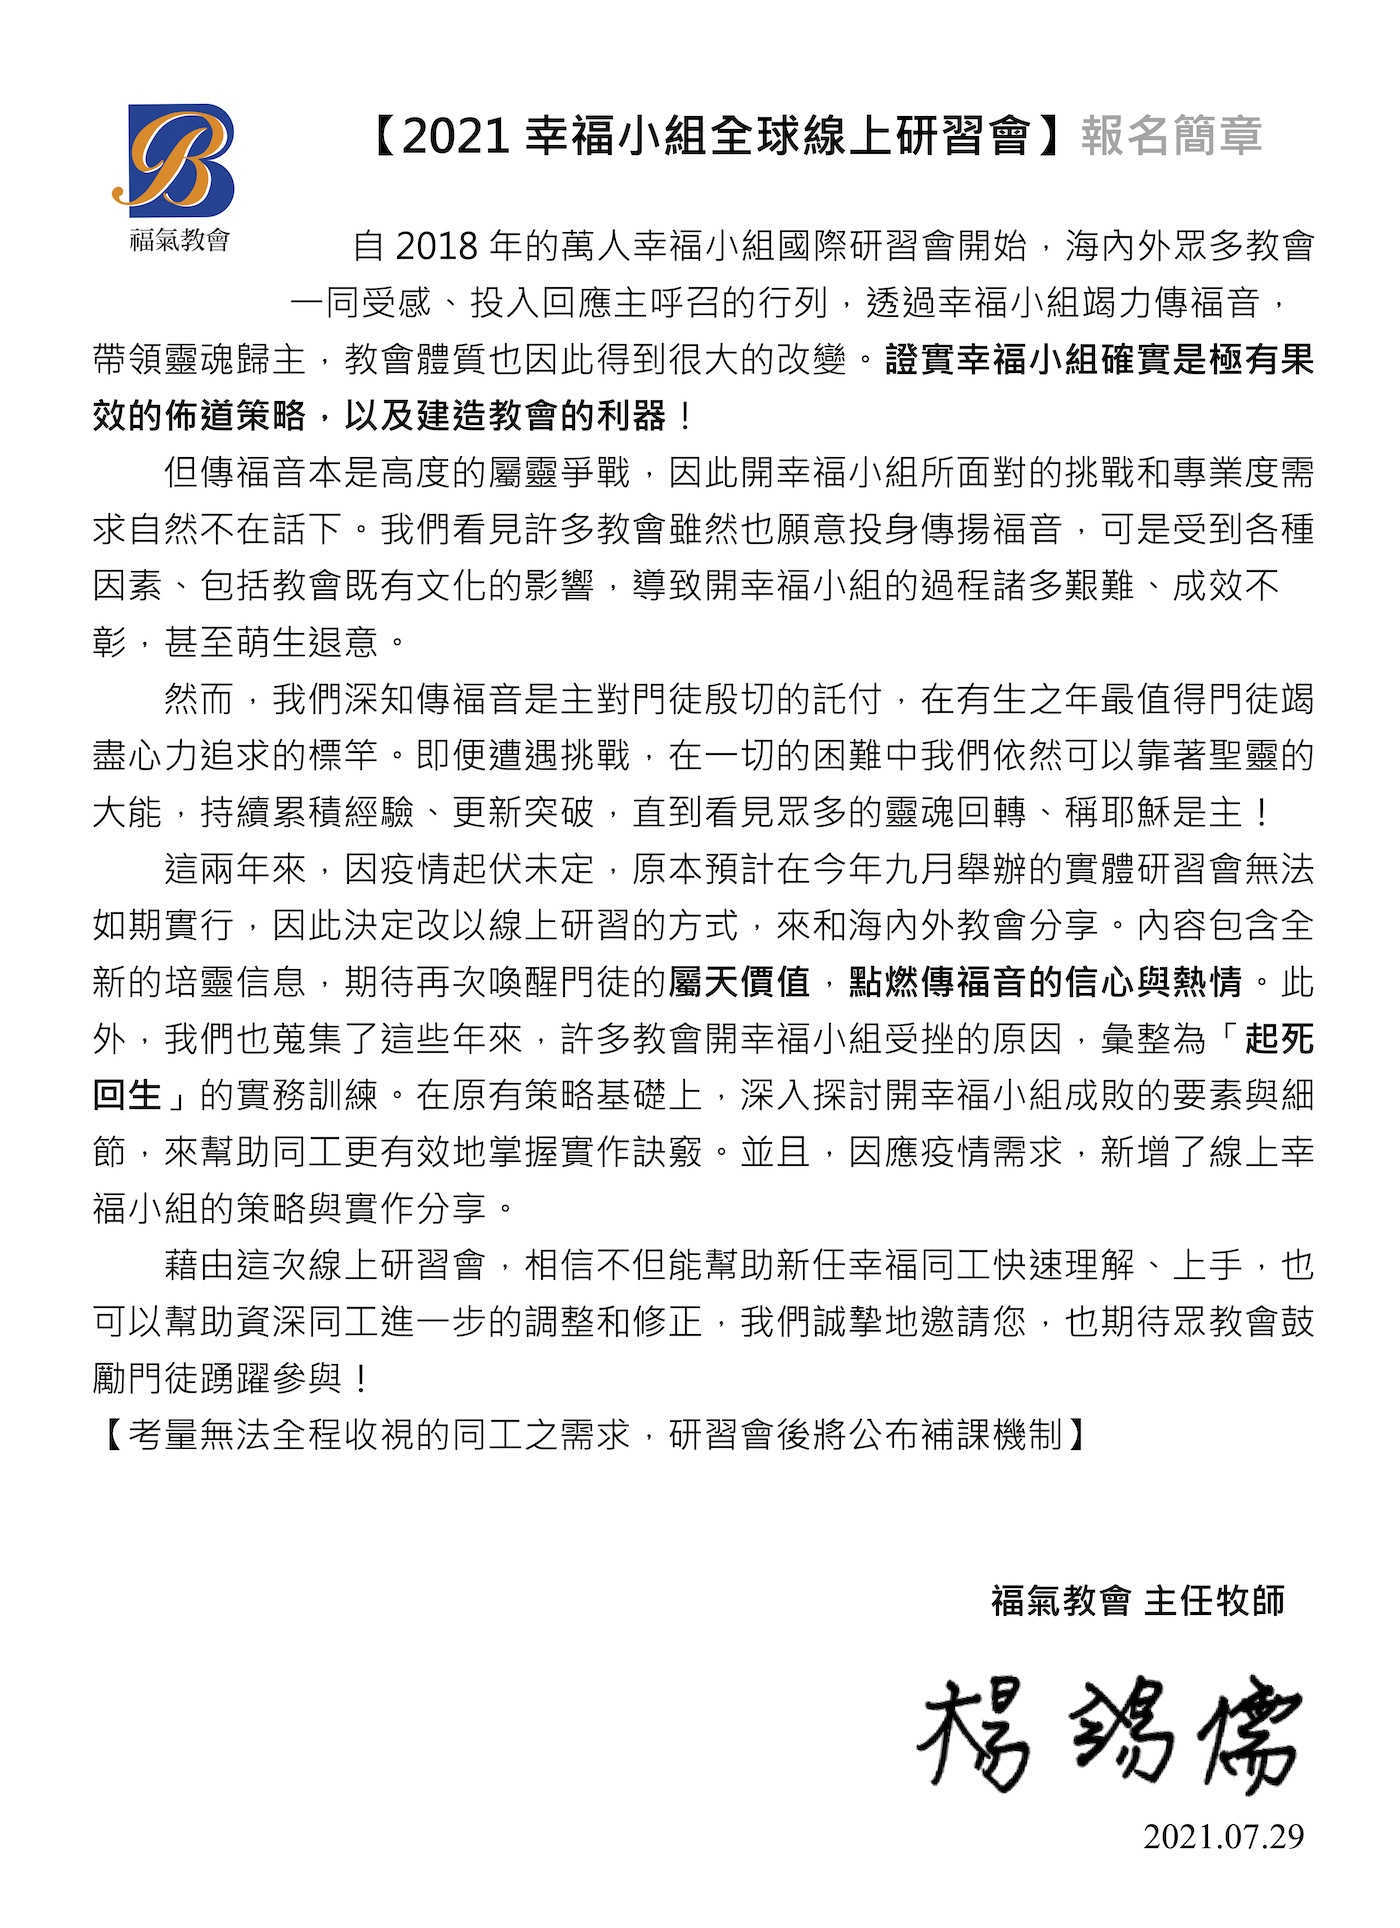 HGGOC2021-Letter.jpg